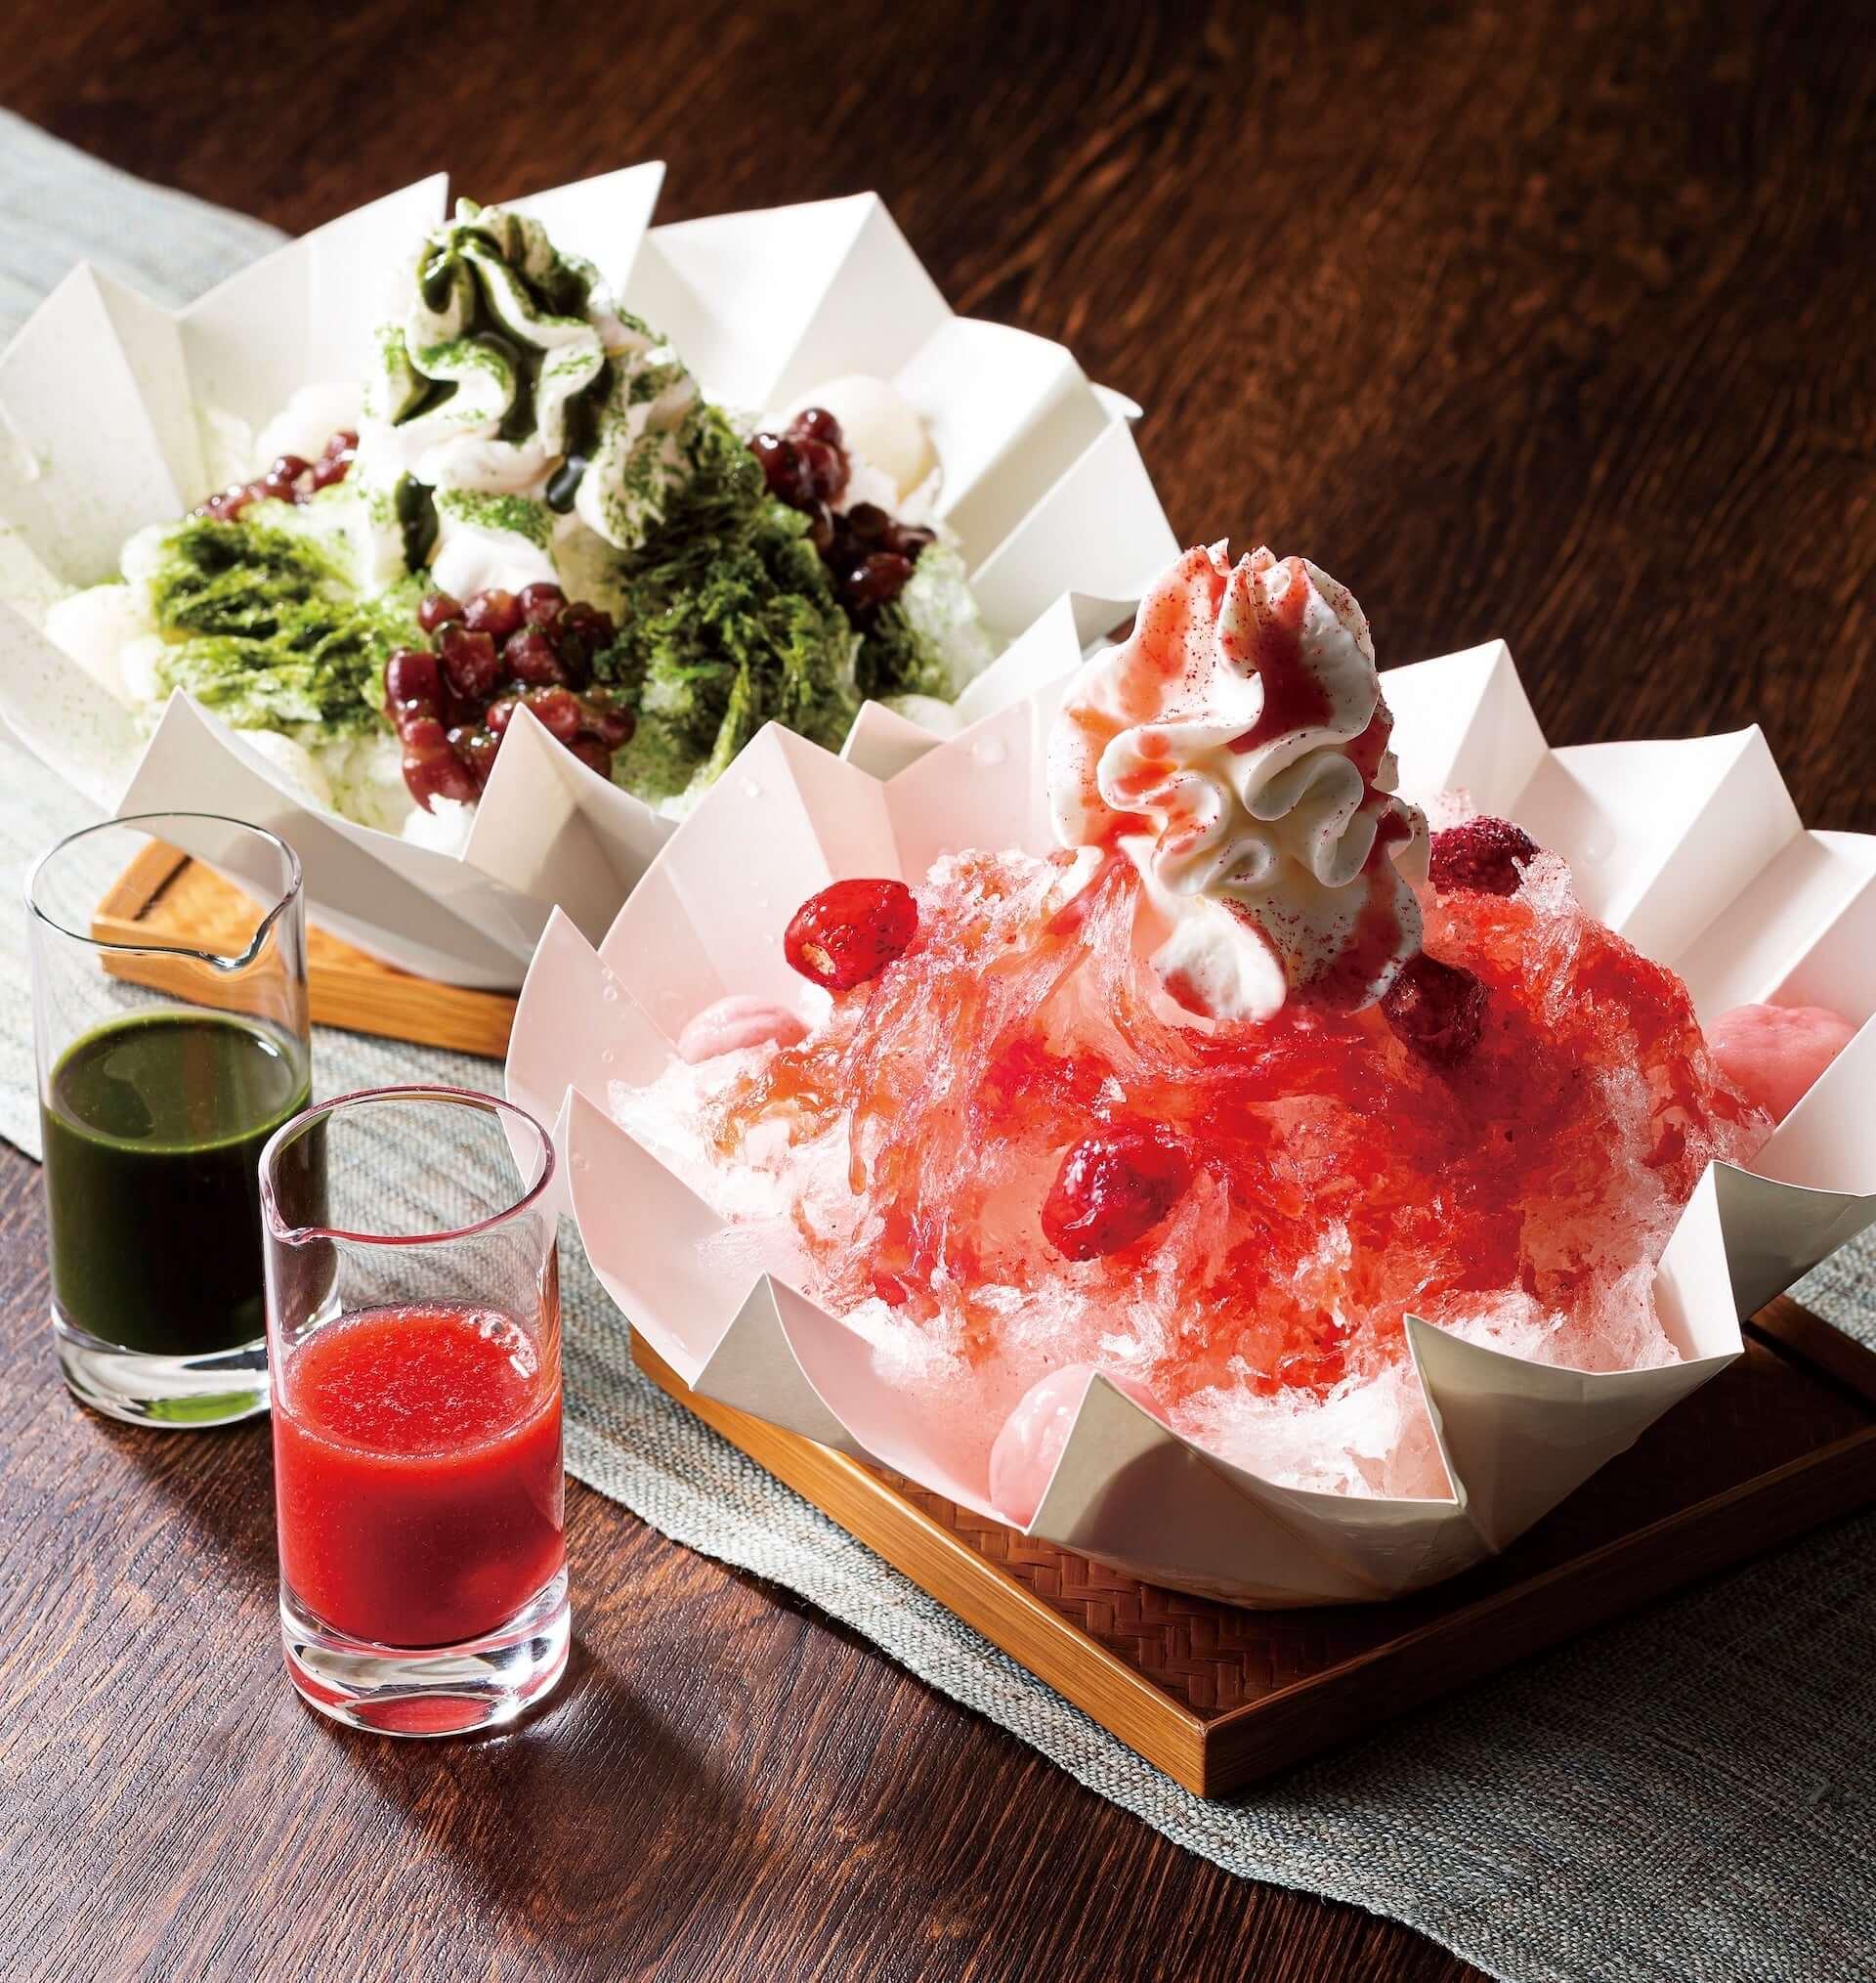 ヨックモック青山店に日本に7軒しかない氷職人の氷を使ったかき氷が登場!「苺」と「抹茶小豆」の2種類 gourmet190620yokumoku-kakigori_1-1920x2029